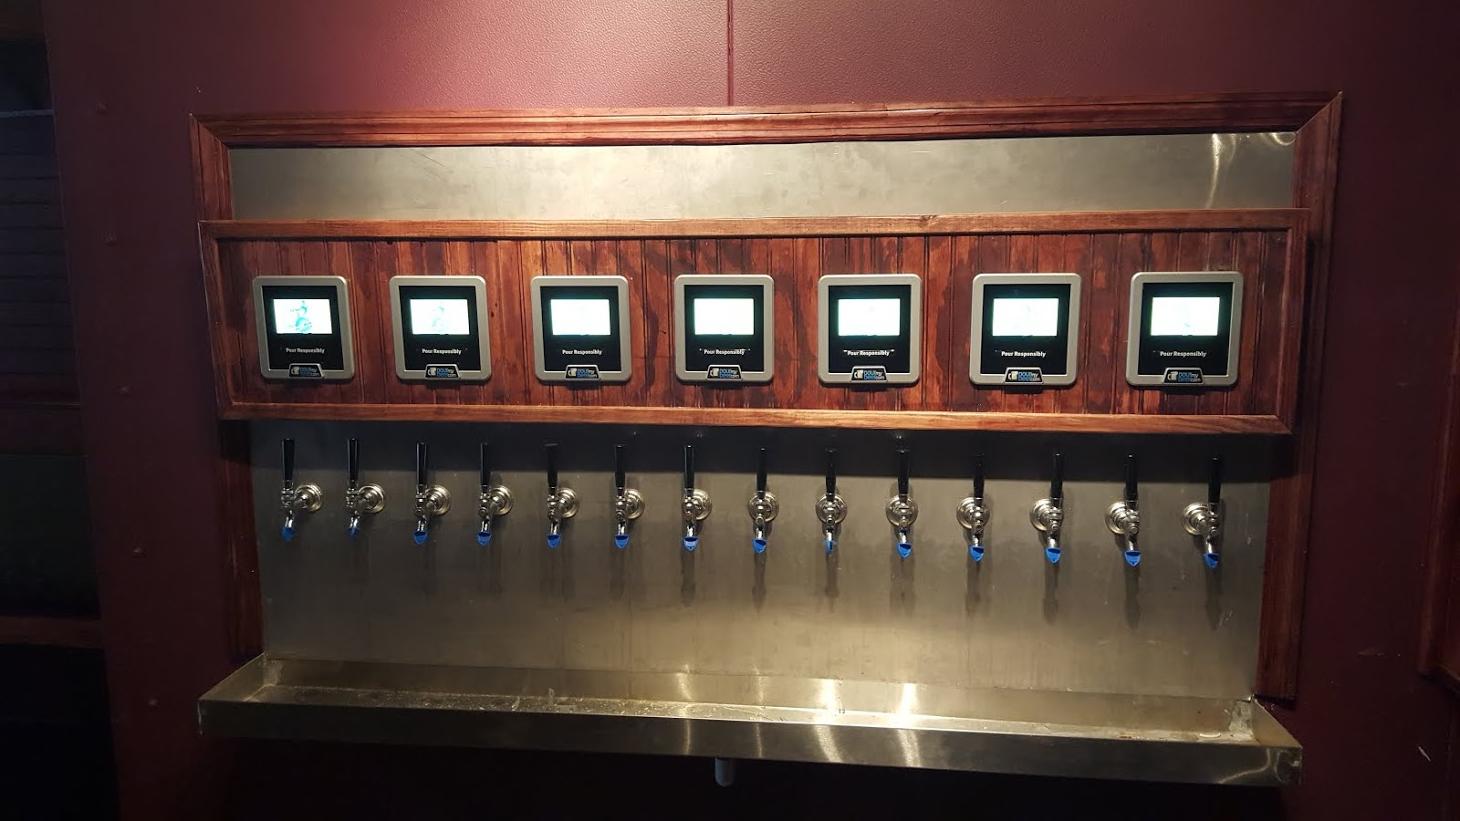 Barový systém PourMyBeer nabízí zákazníkům načepovat si vlastní pivo